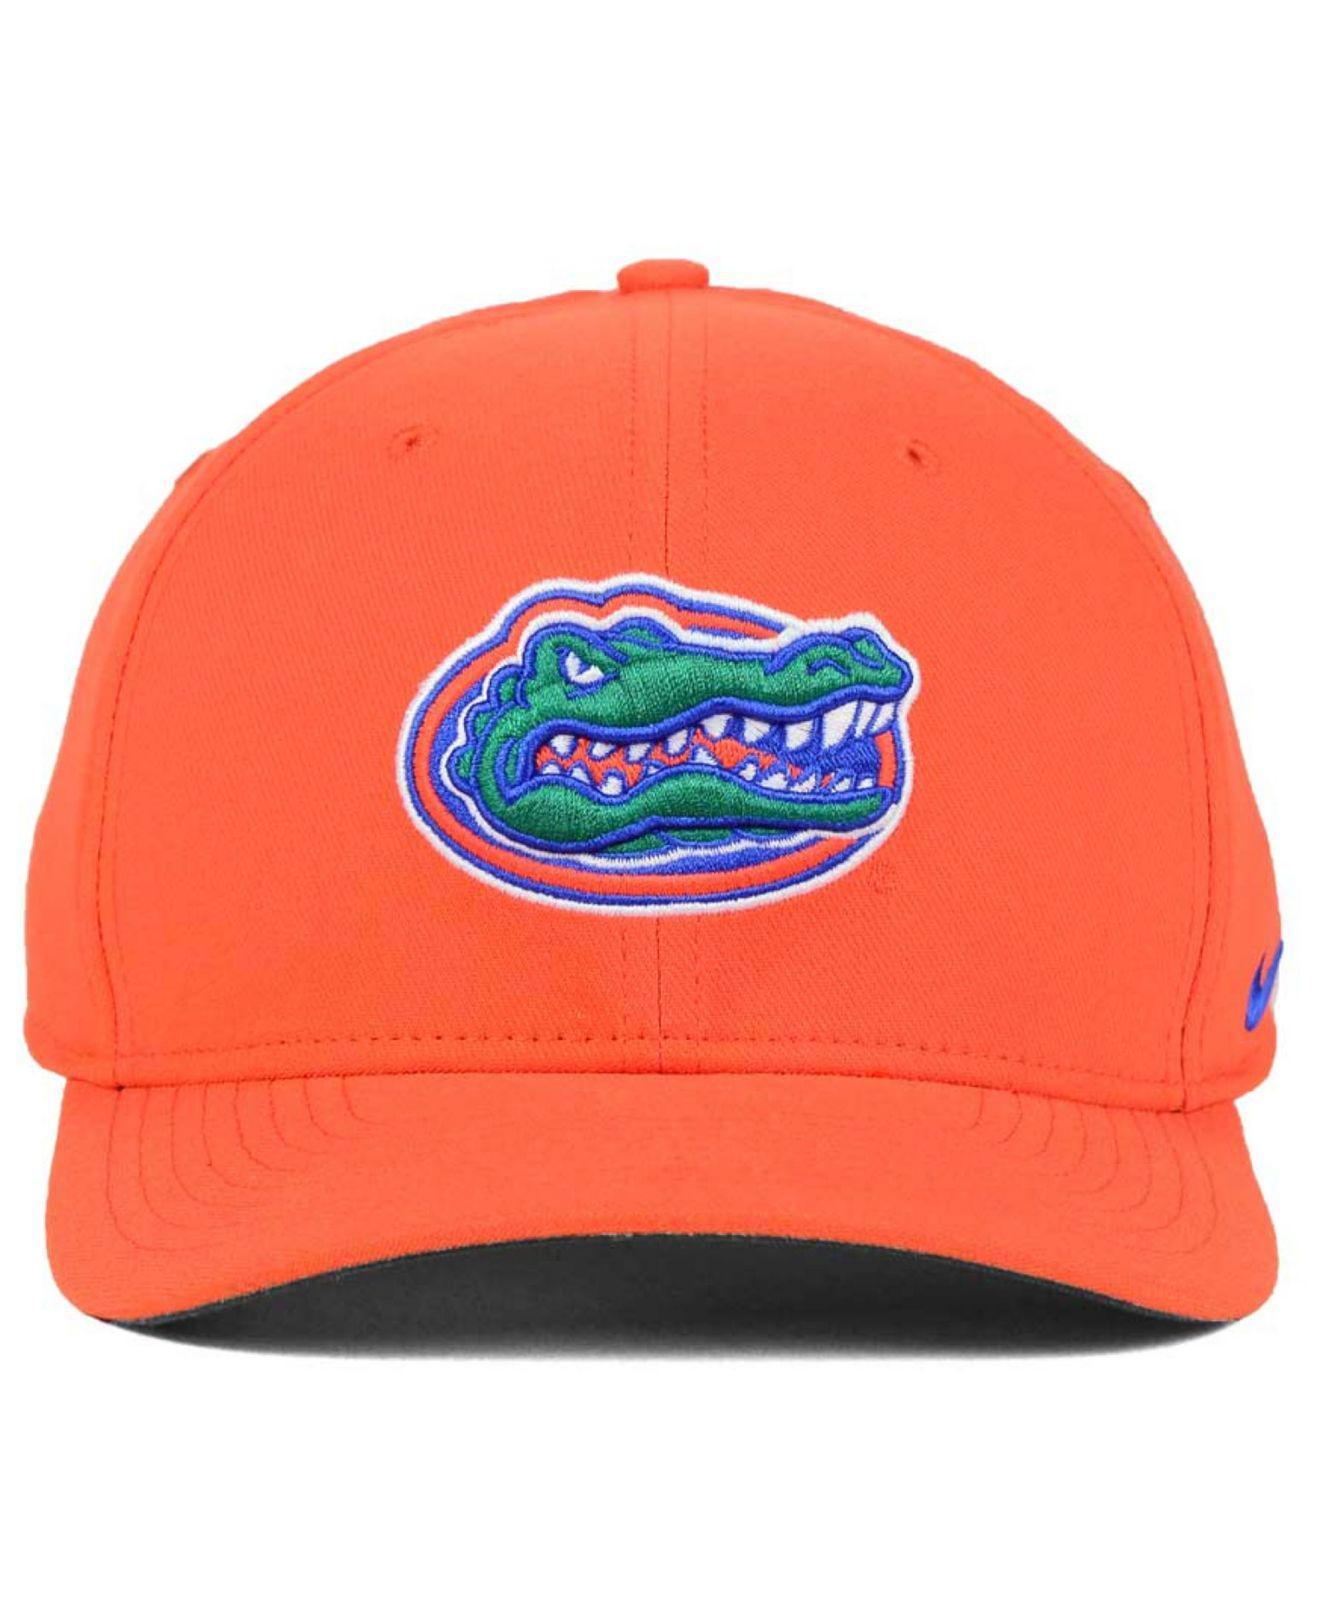 huge selection of 617c6 15ed5 Lyst - Nike Florida Gators Classic Swoosh Cap in Orange for Men